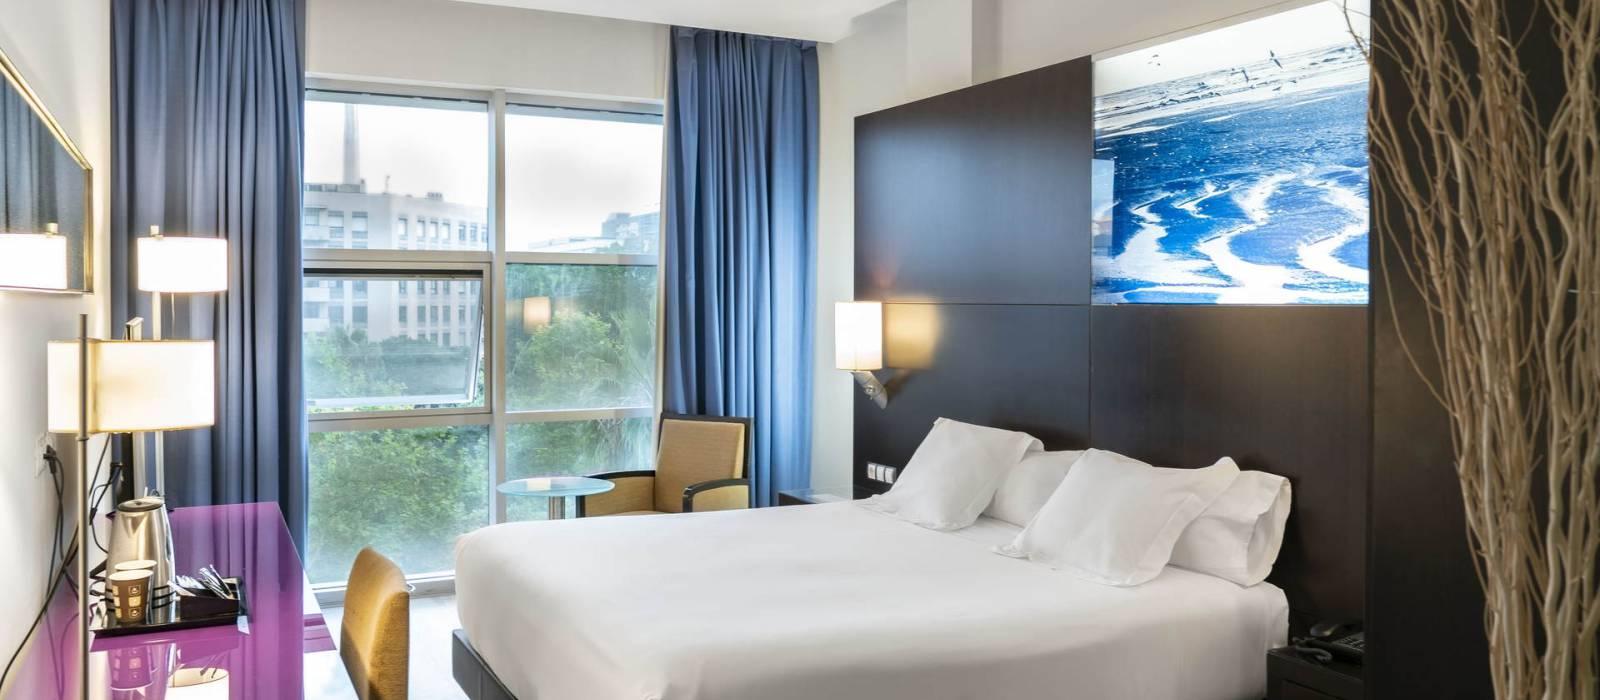 Angebote Hotel Vincci Barcelona Maritime - Jetzt buchen und 5% sparen!